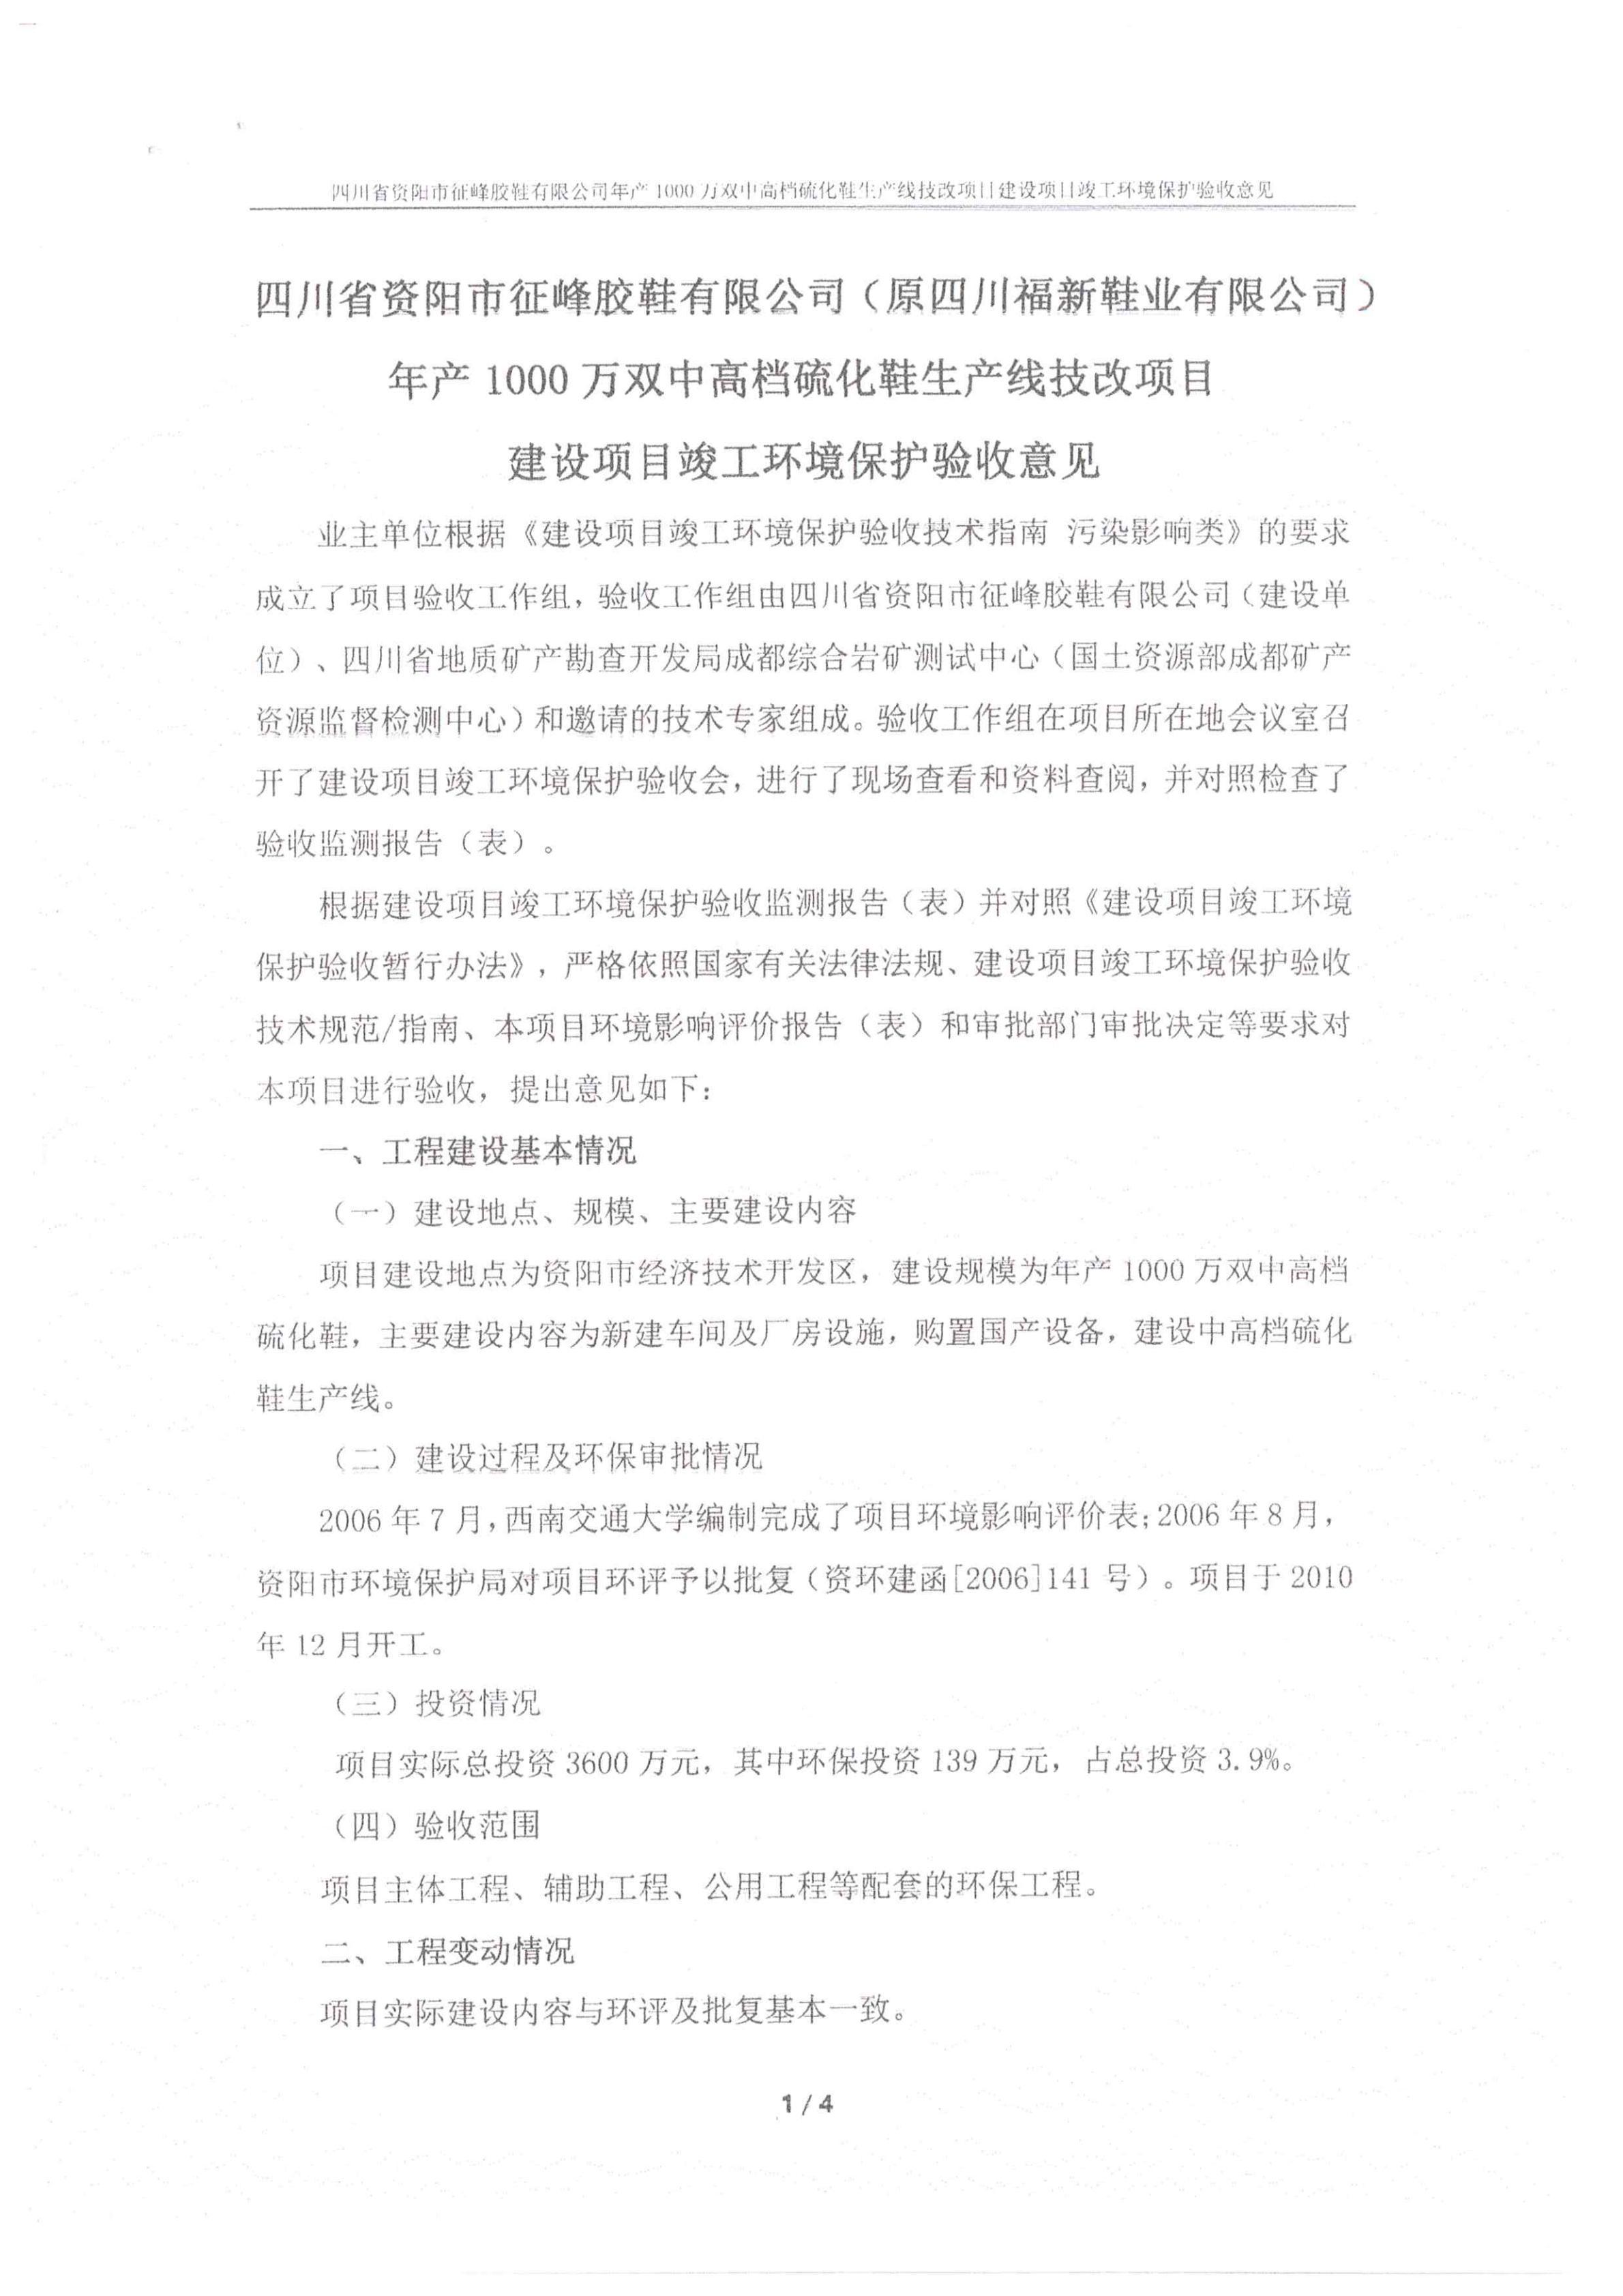 福新鞋业生产线技改建设项目竣工环境保护验收意见-1_00.jpg